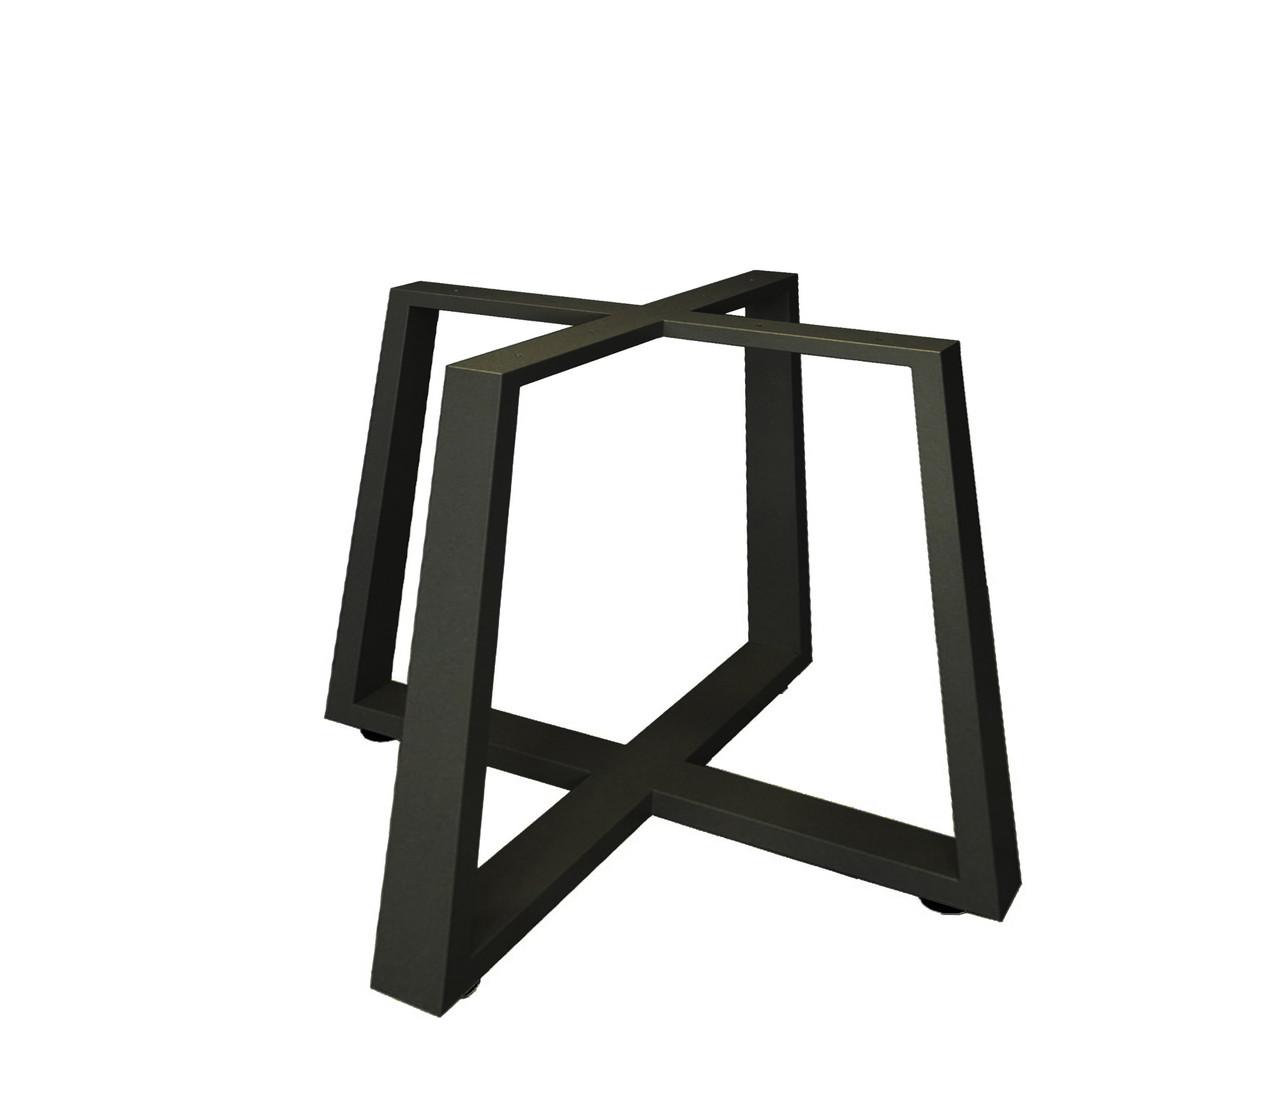 """Дизайнерские металлические опоры """"X-track black"""" для столика в стиле loft"""